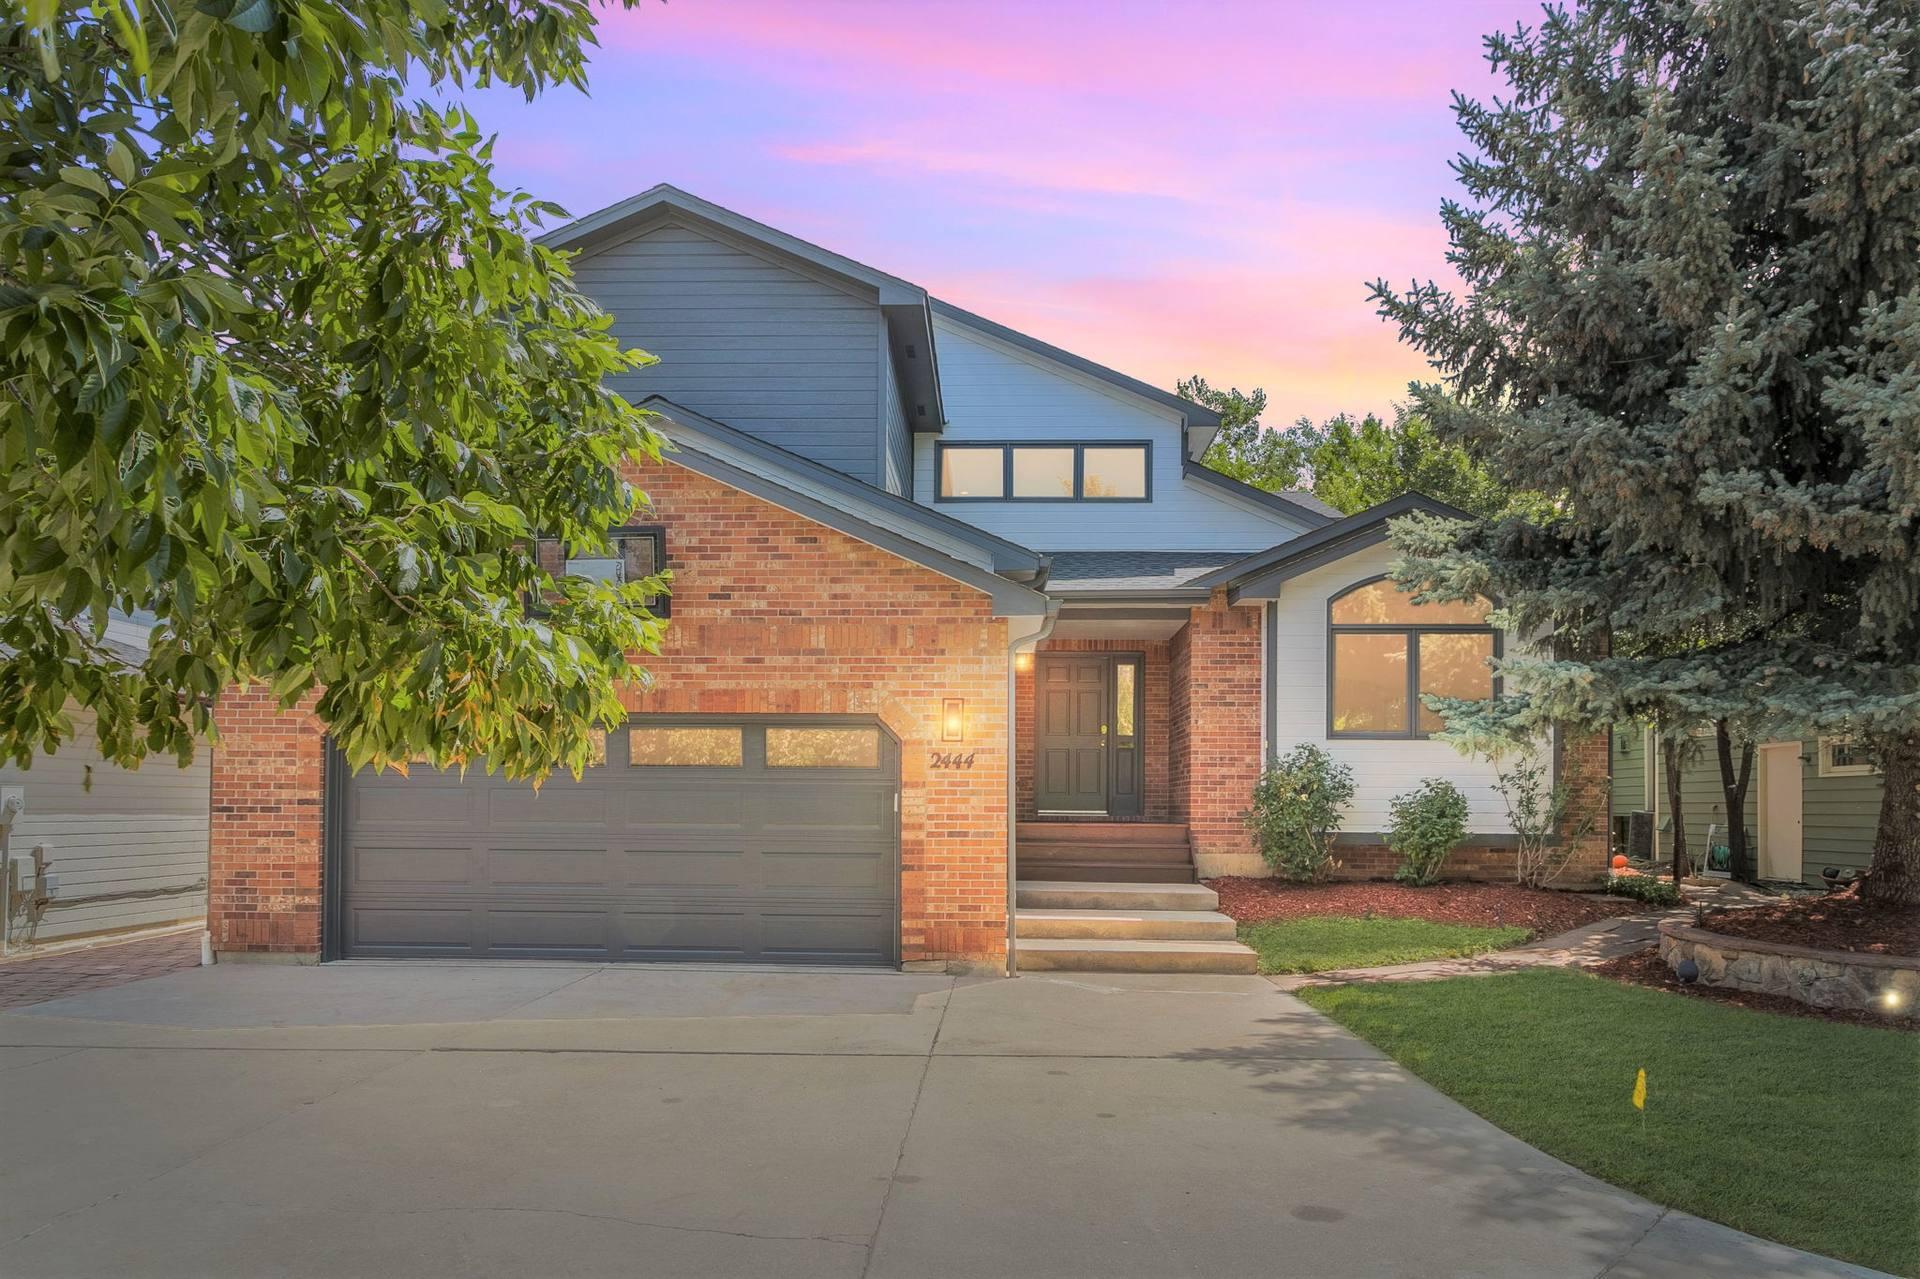 2444 Vineyard Pl, Boulder, CO 80304, USA